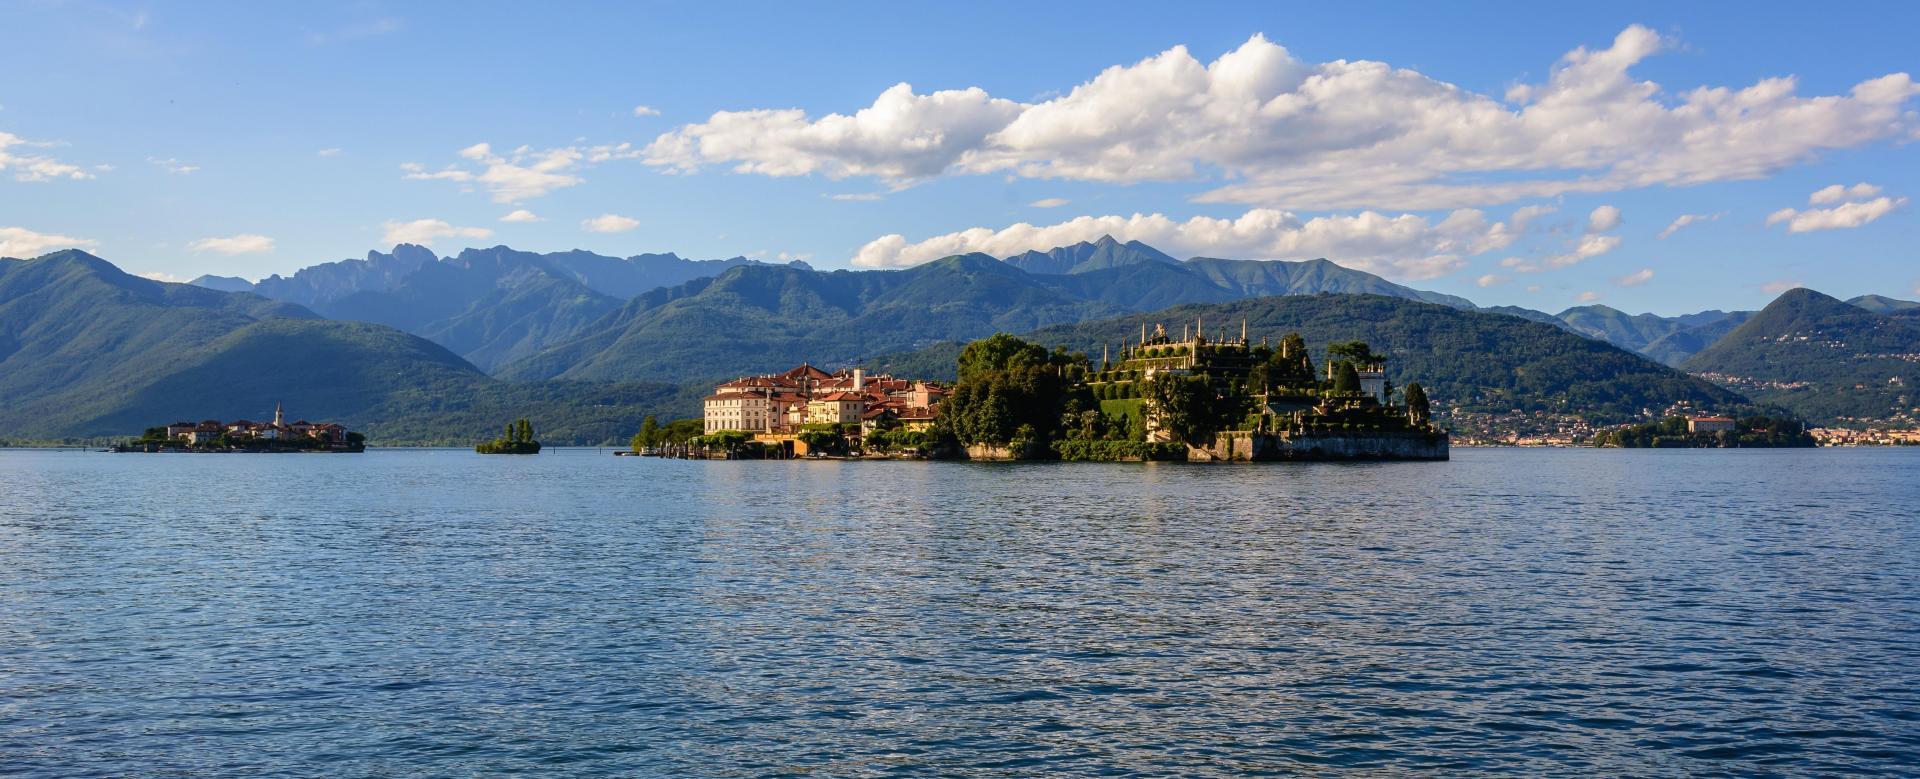 Voyage à pied Italie : Les grands lacs italiens